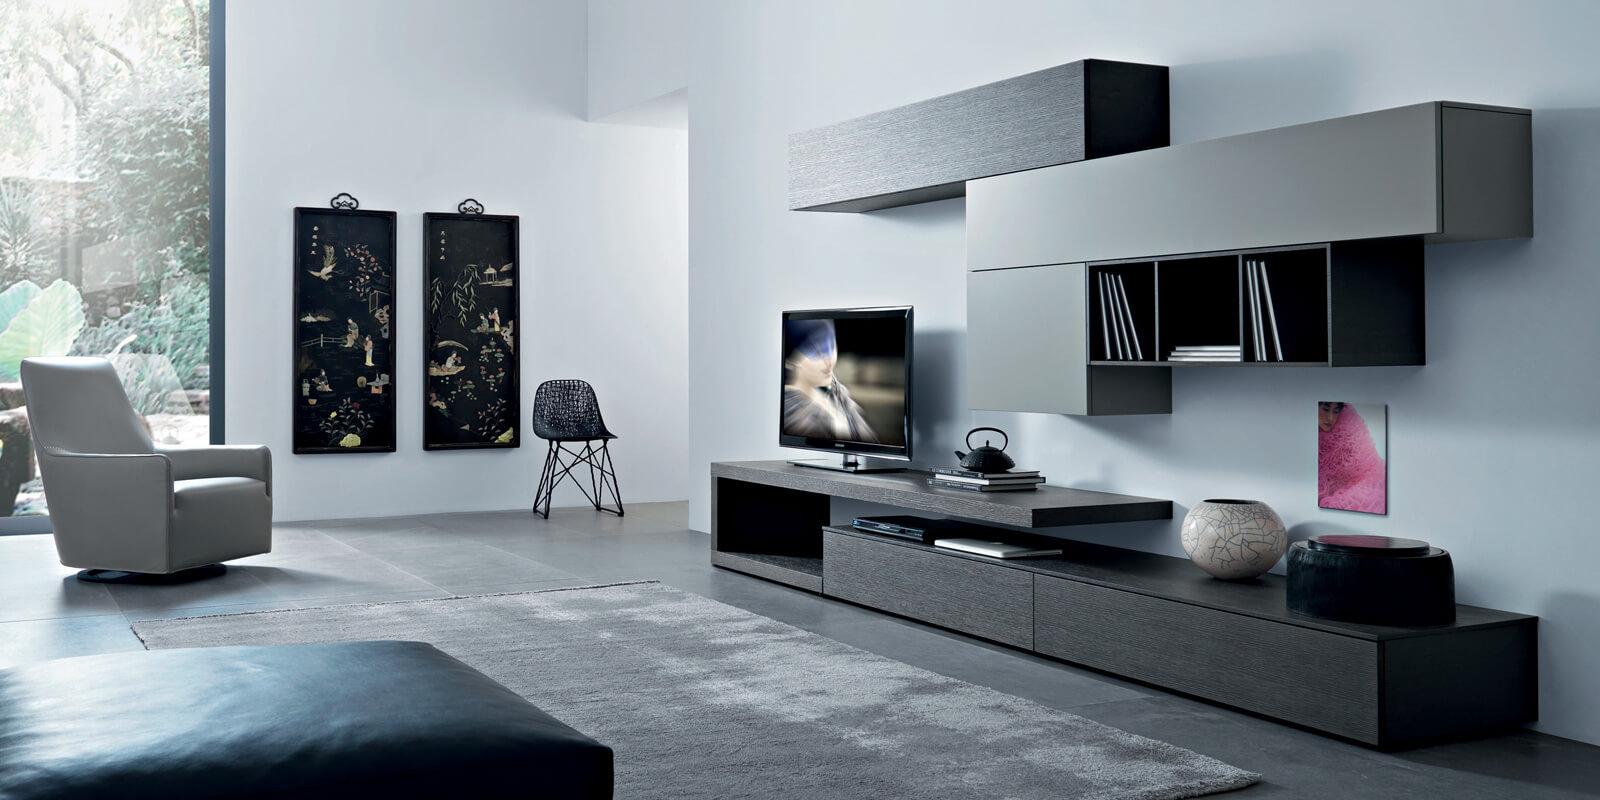 Soggiorno Rovere Grigio : Soggiorno lampo collezione la casa moderna l rovere grigio